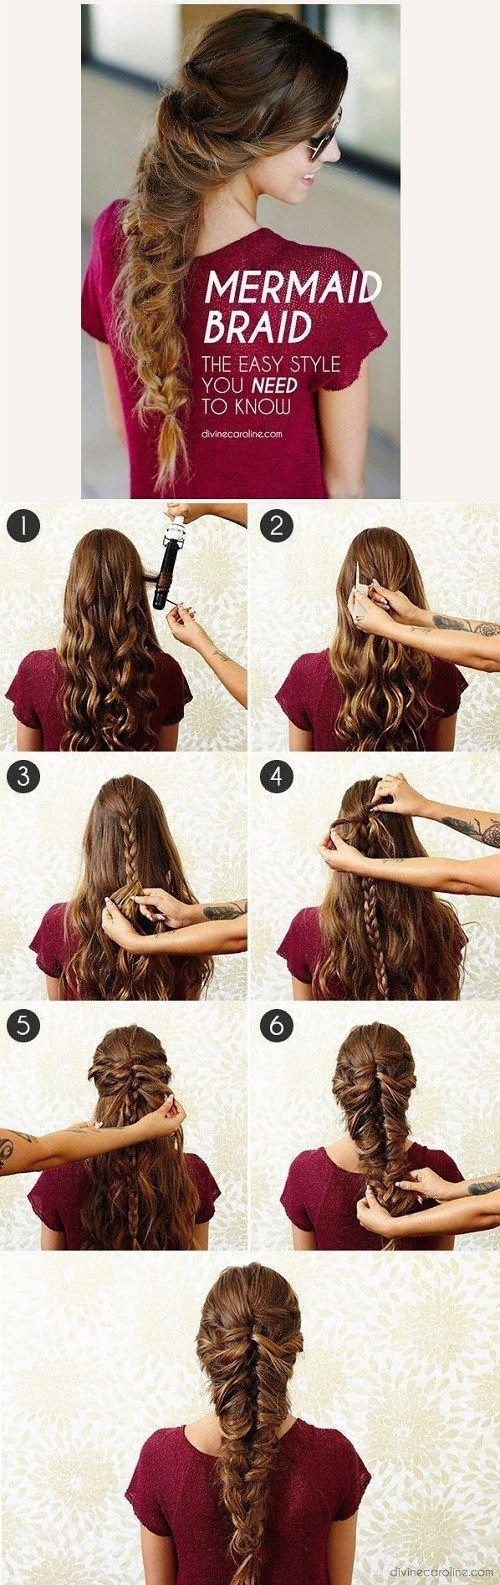 Estilo Popular para Tranças tradicionais penteado